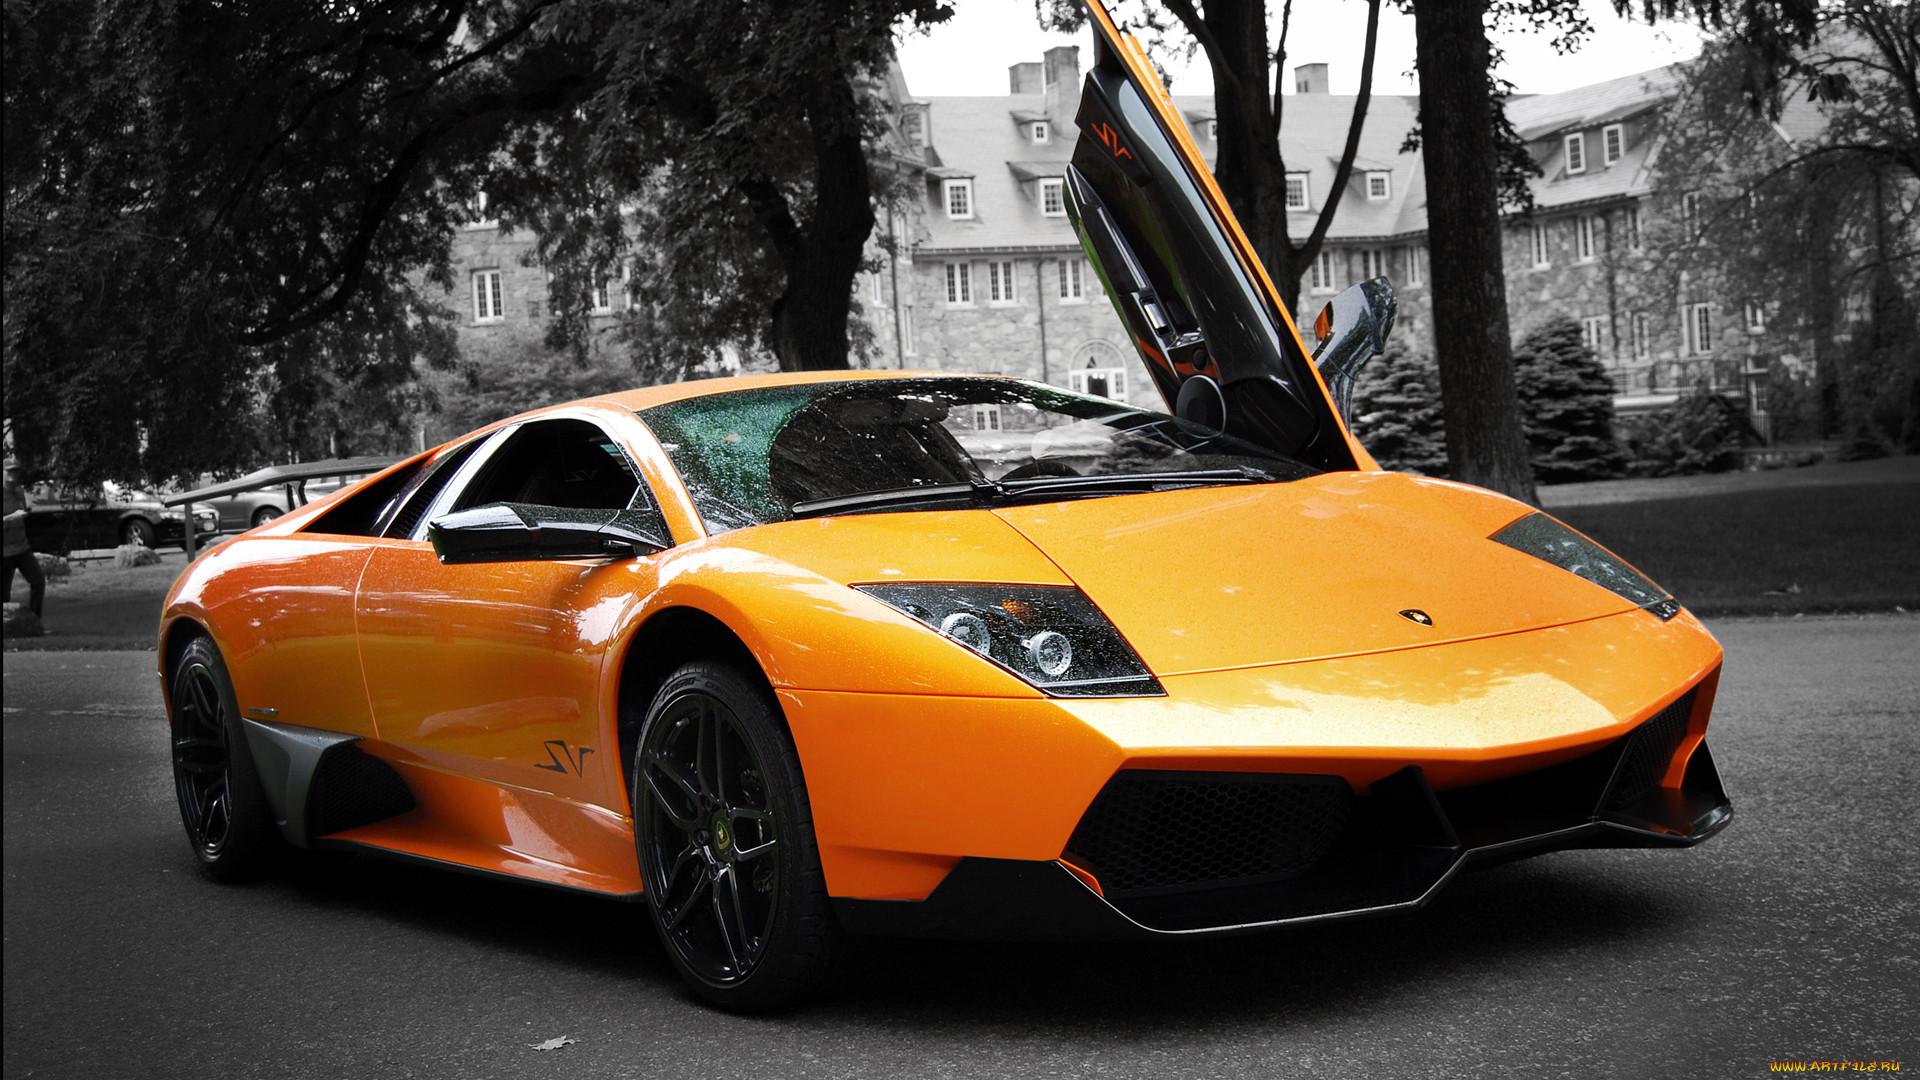 Посмотреть фото картинки машин